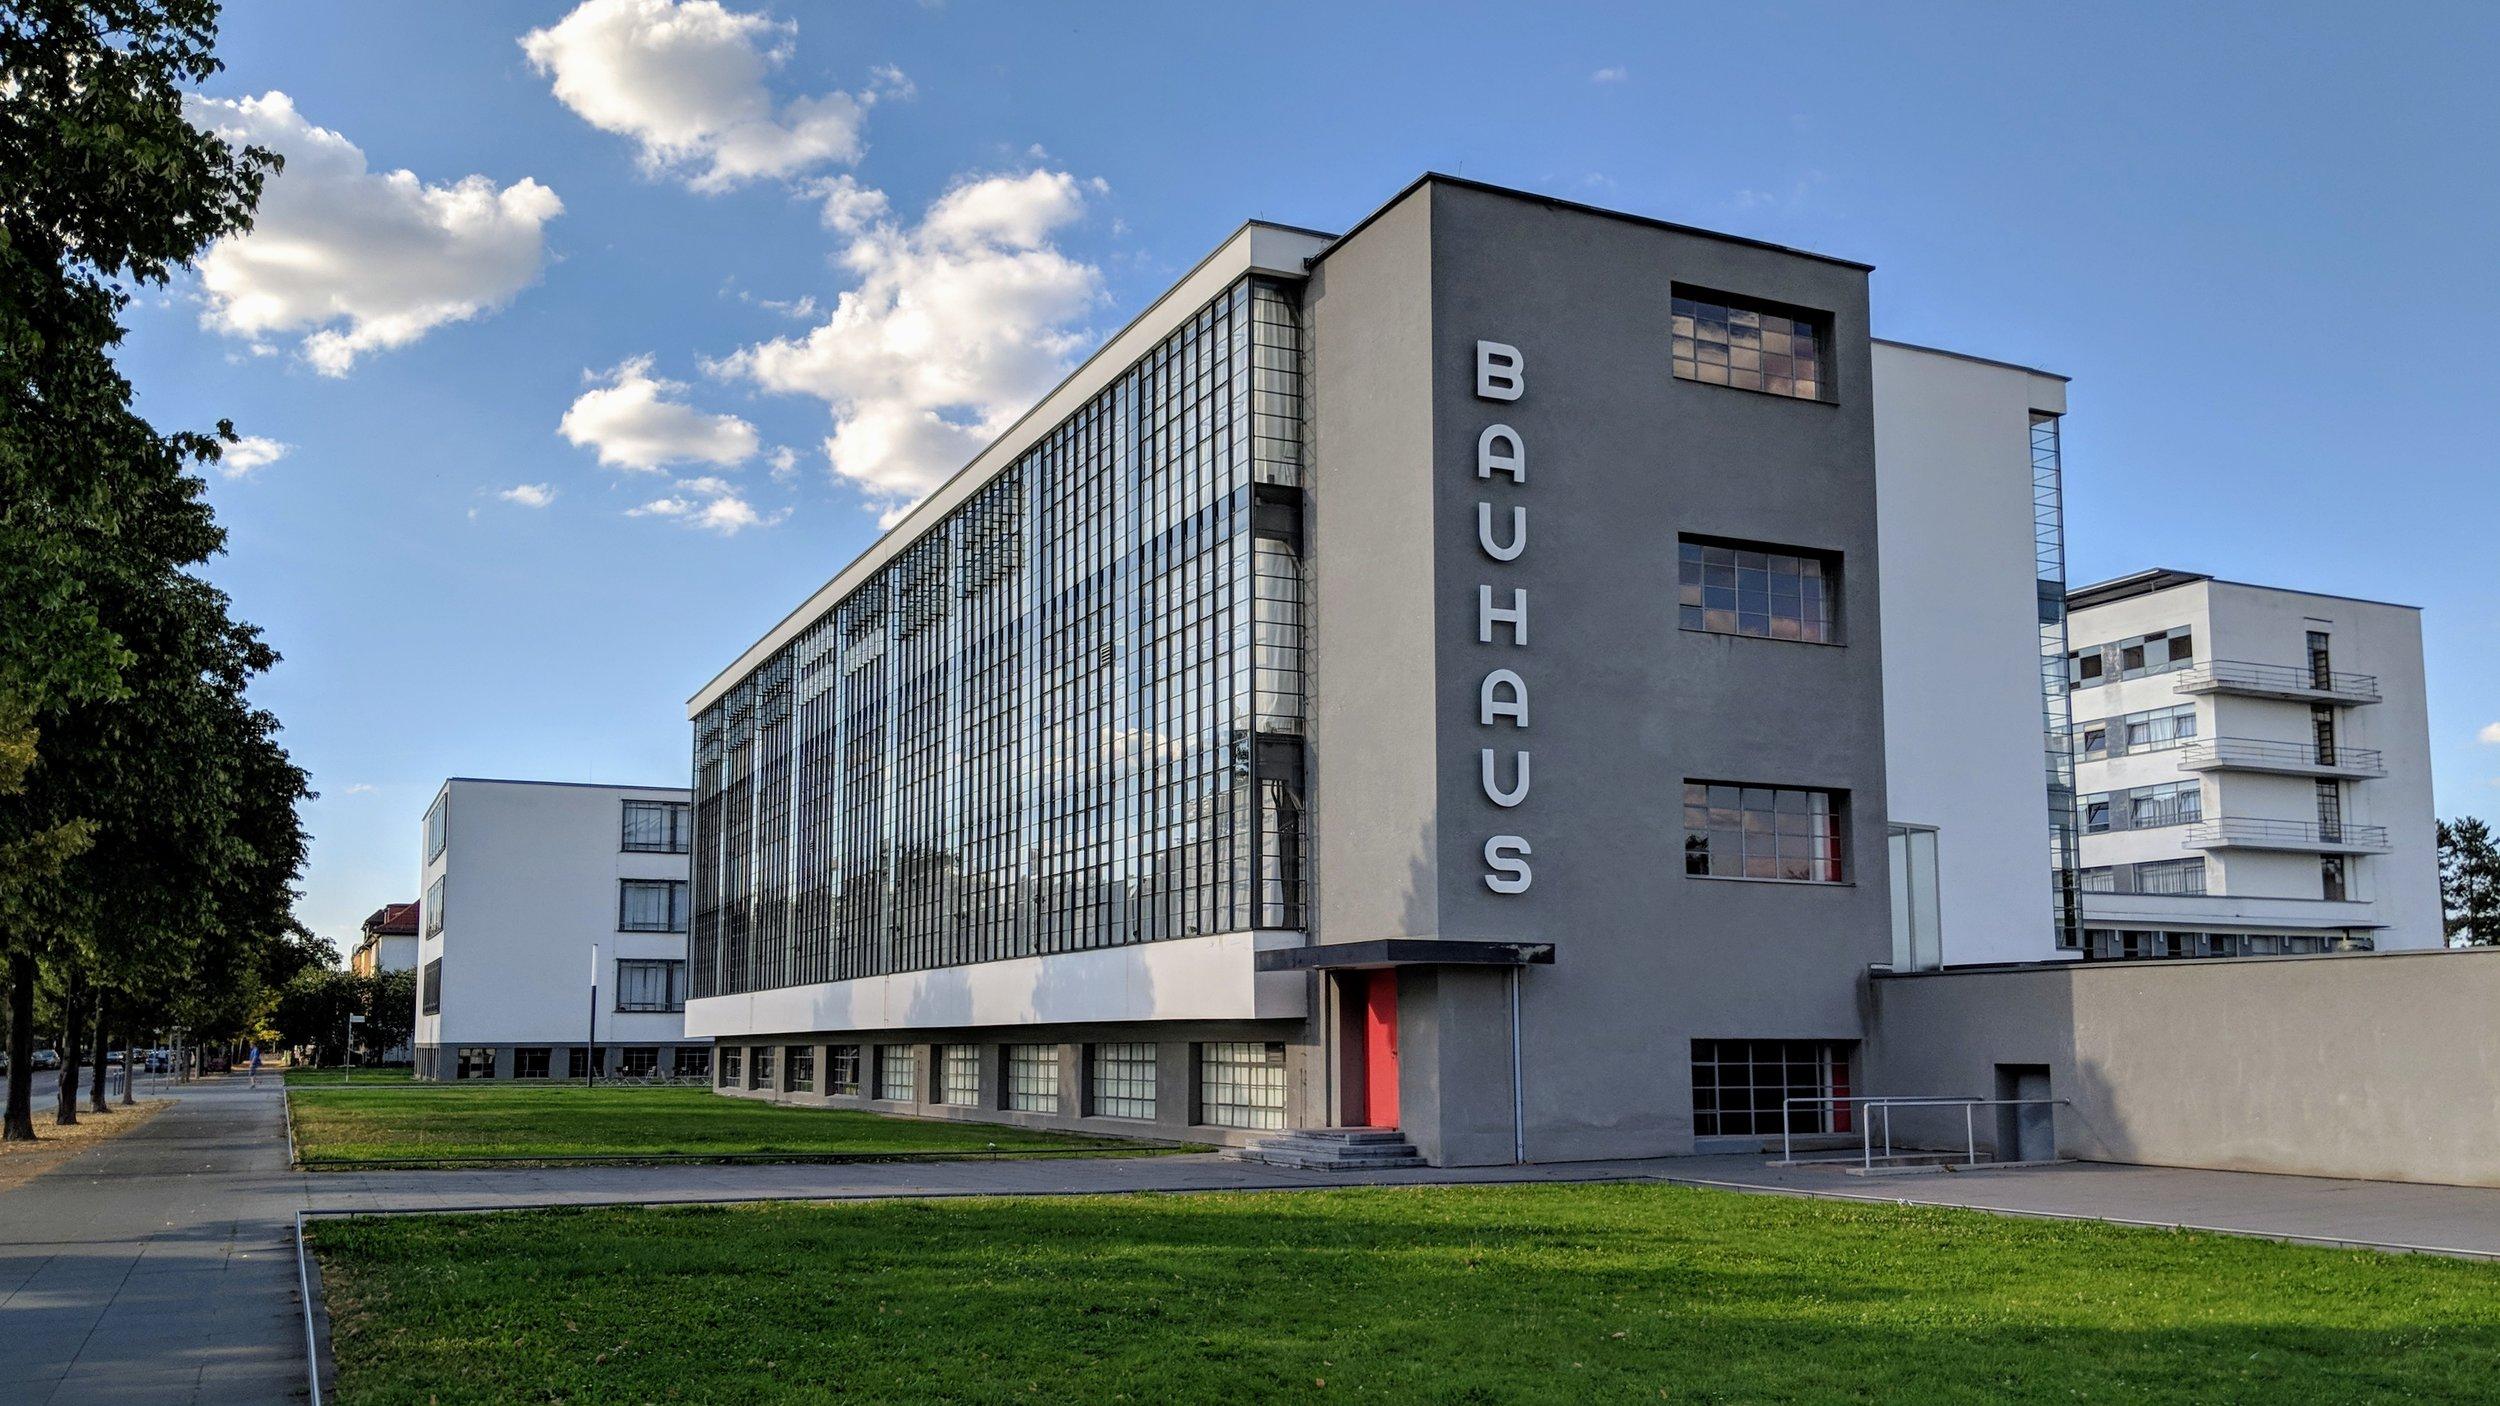 Main Bauhaus building